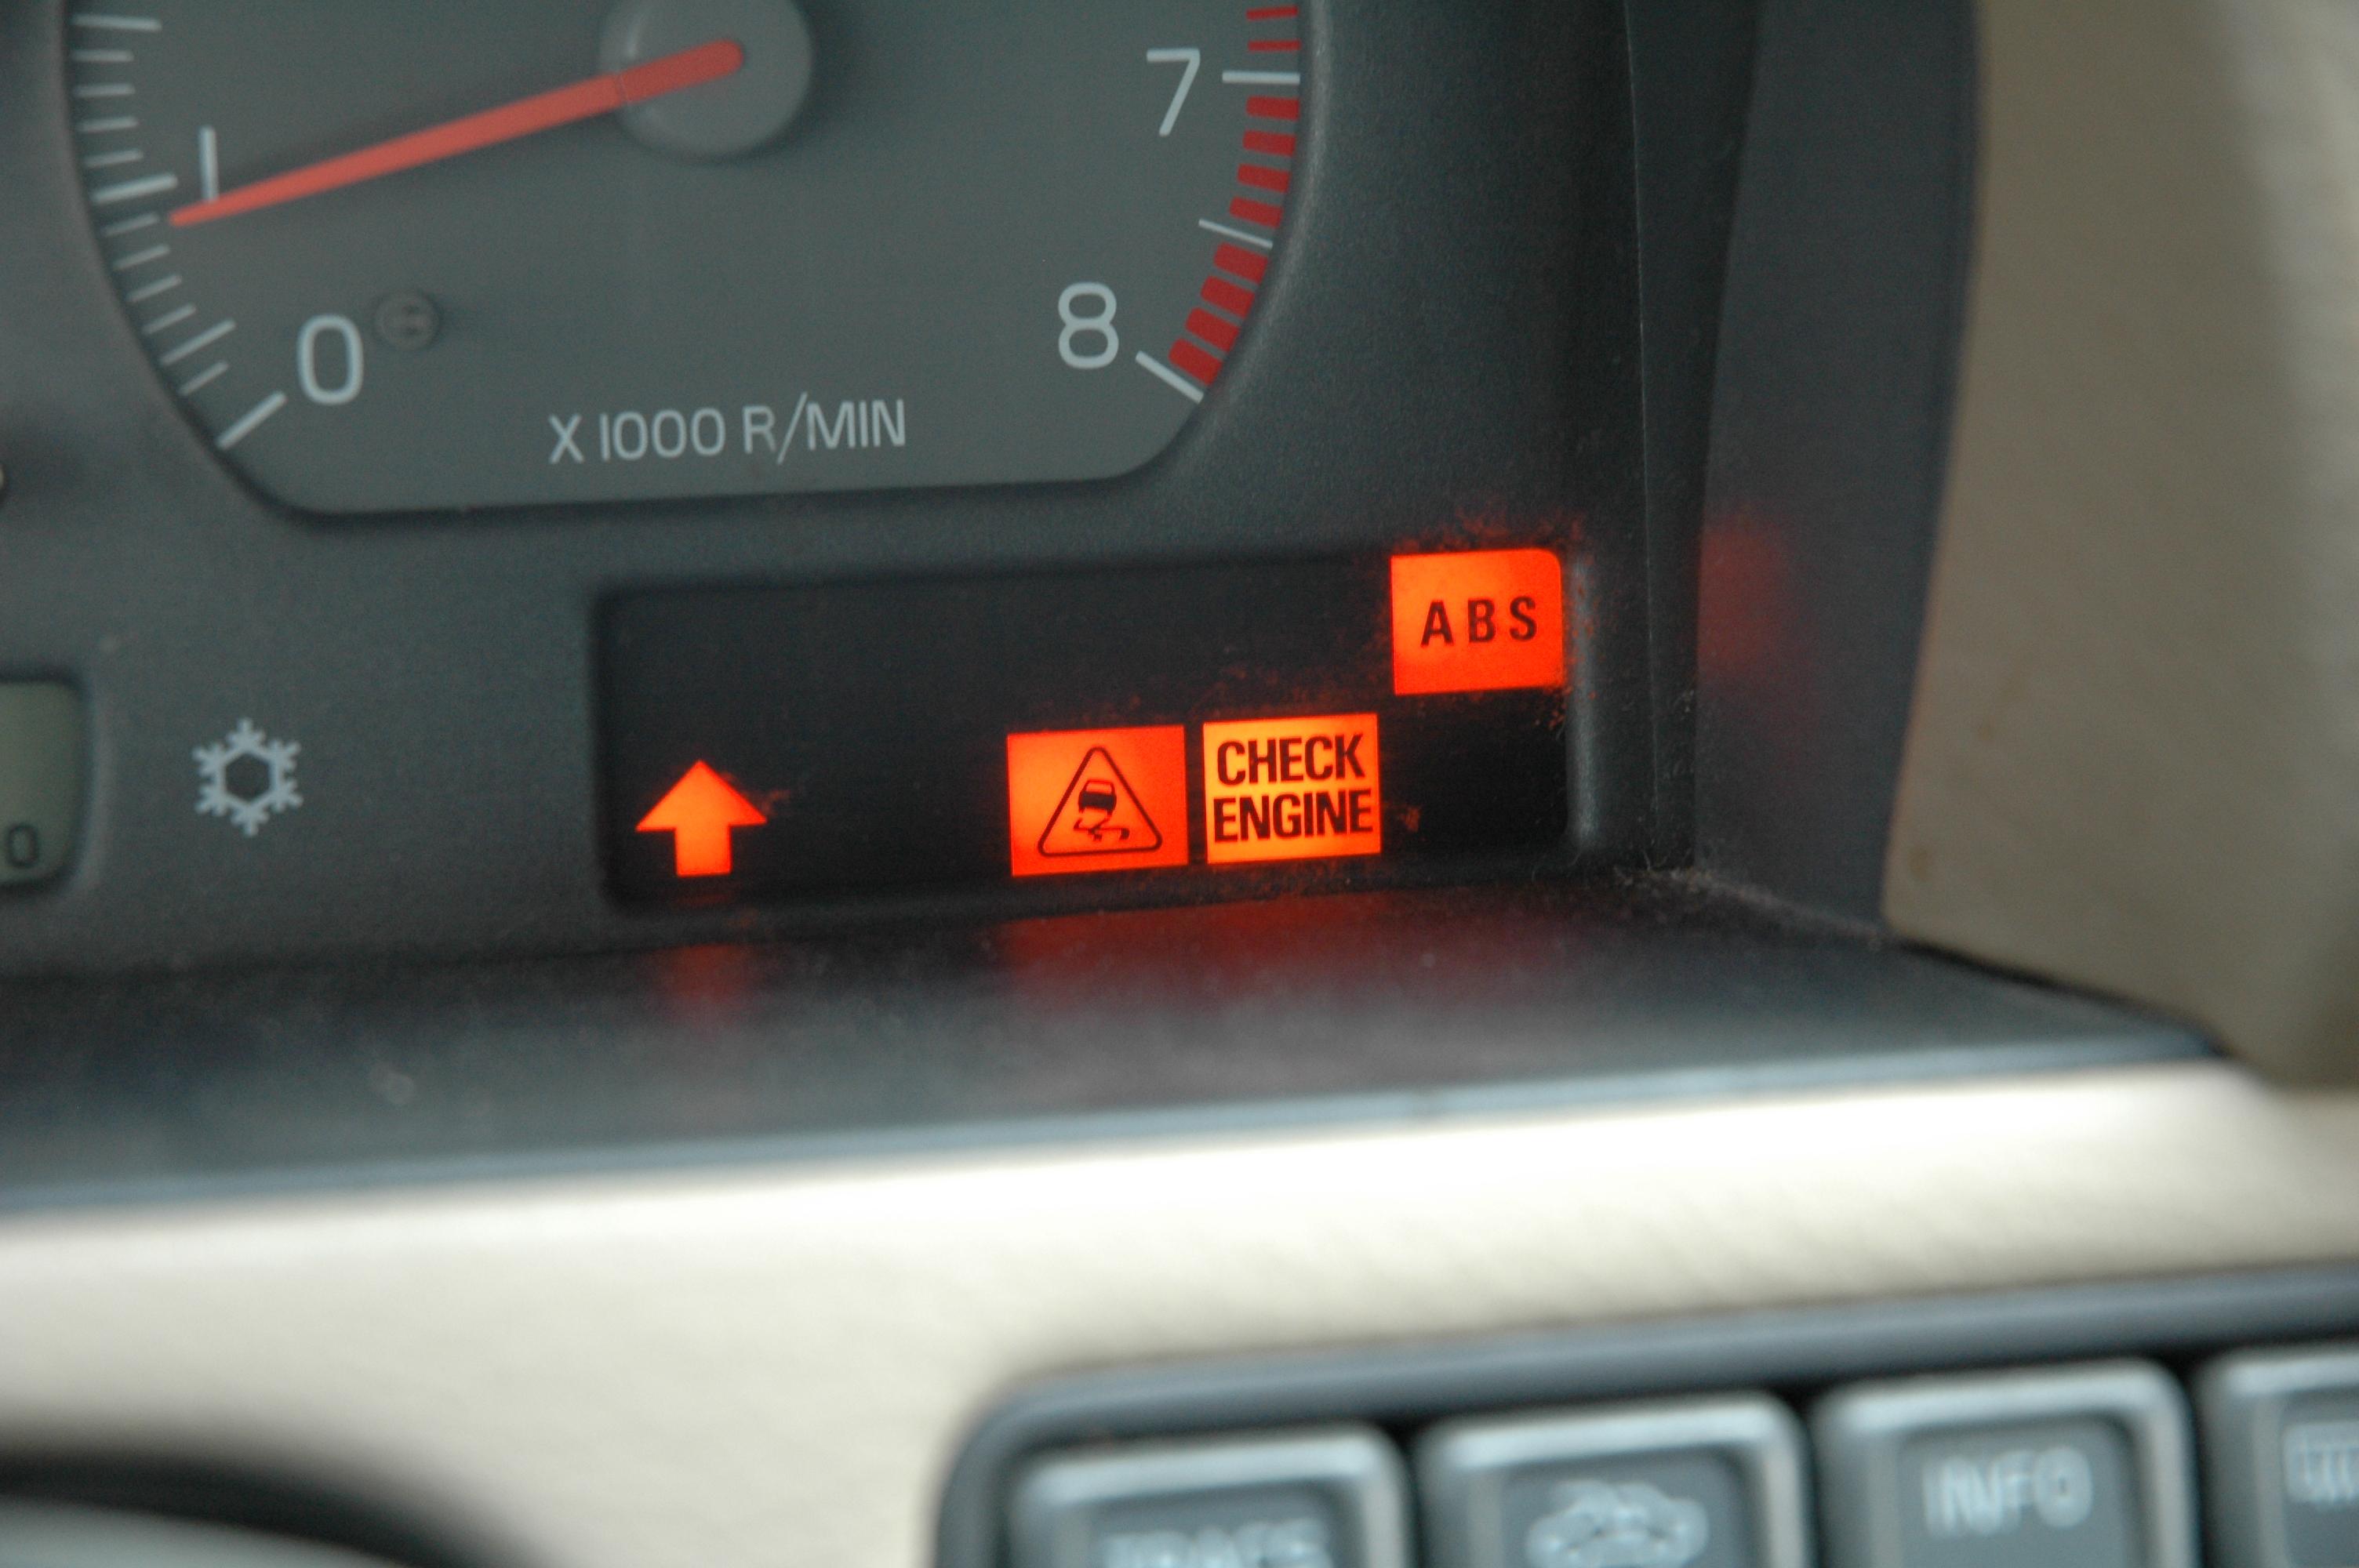 1998 volvo s70 check engine light | Decoratingspecial.com